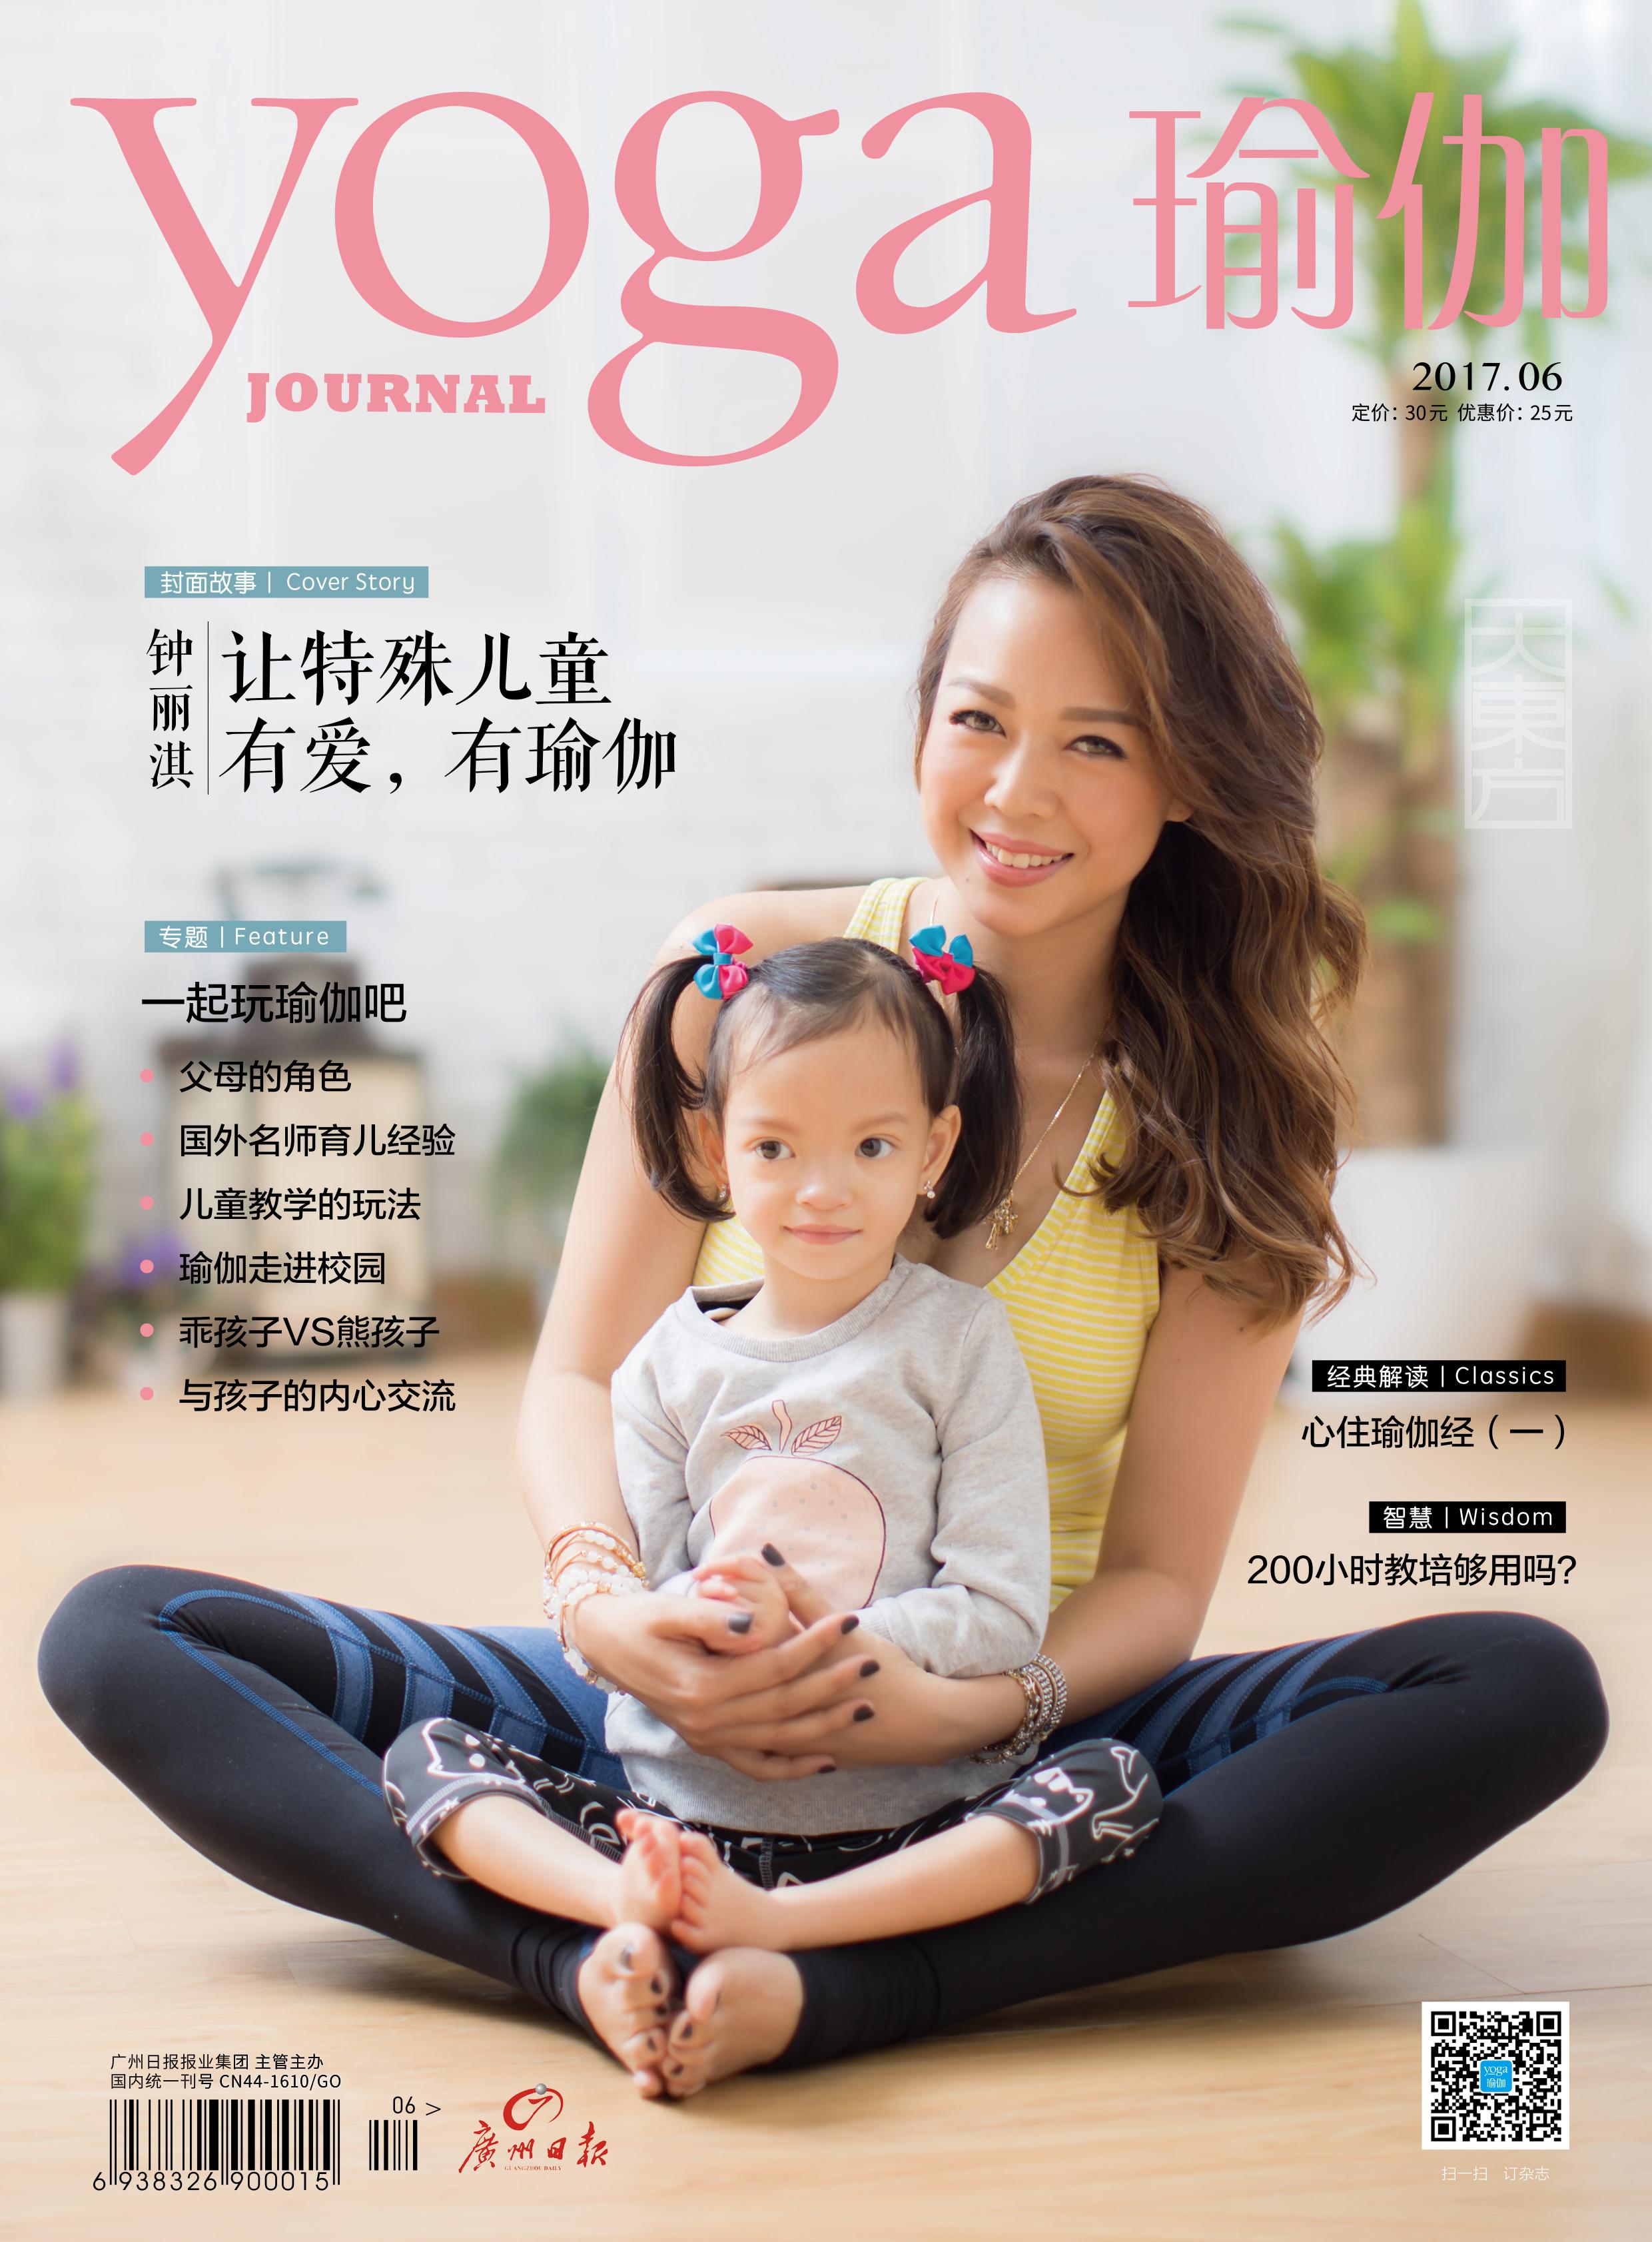 Yogajournal Coverstory Margaret Chung.jpg